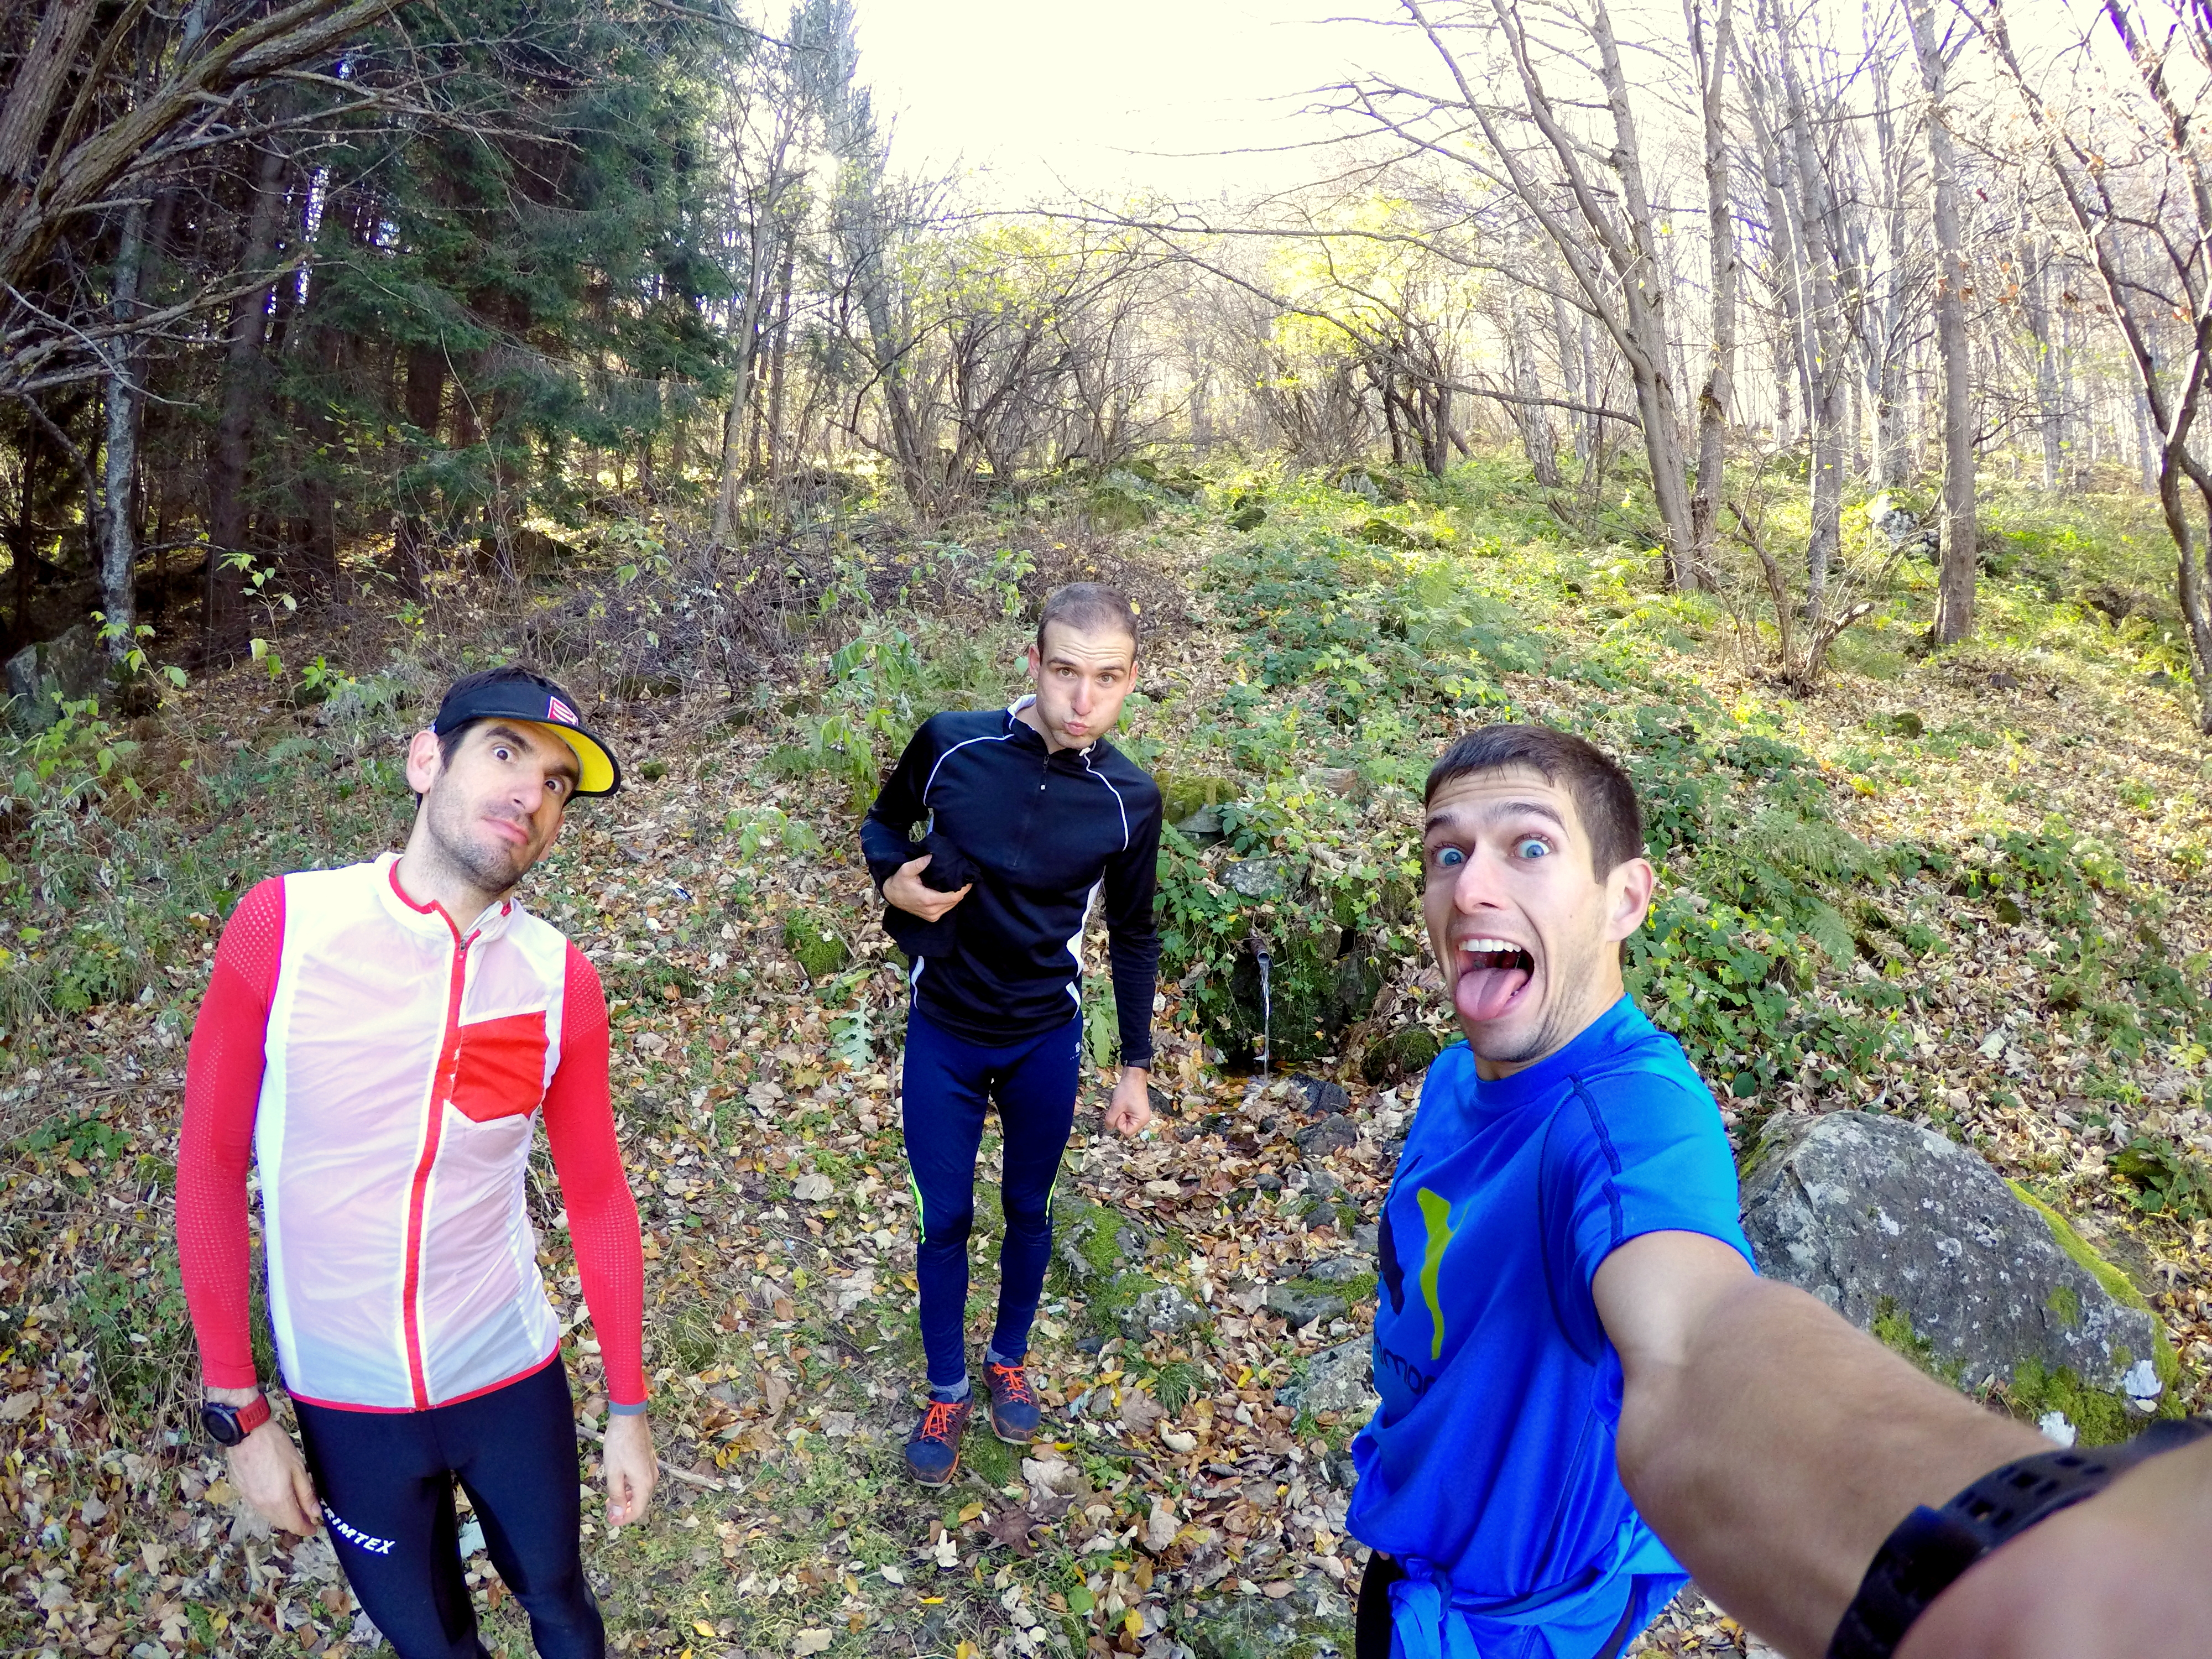 Дългите бягания в планината, с приятна компания, определено са ползотворни тренировки, от които имам нужда!